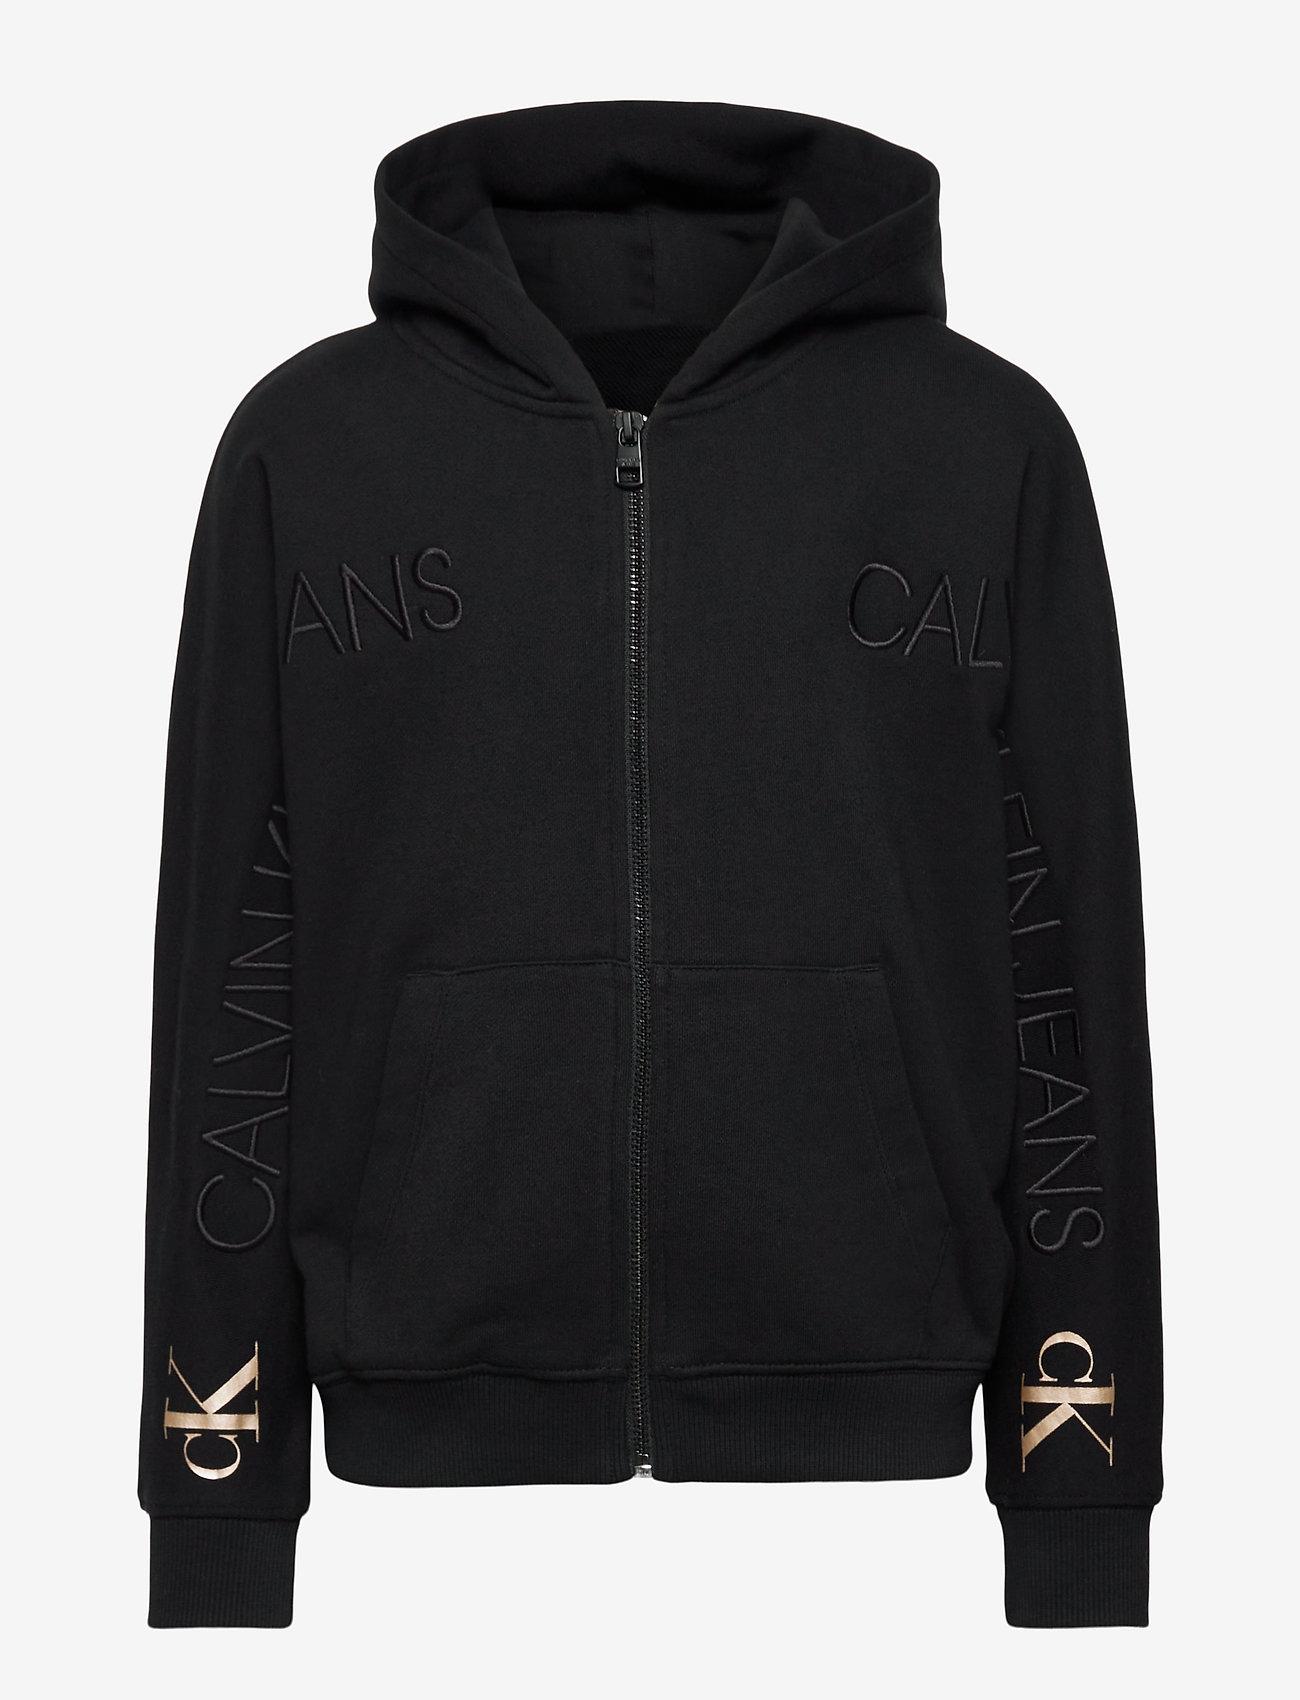 Calvin Klein - LOGO EMBROIDERY ZIP THROUGH - kapuzenpullover - ck black - 0